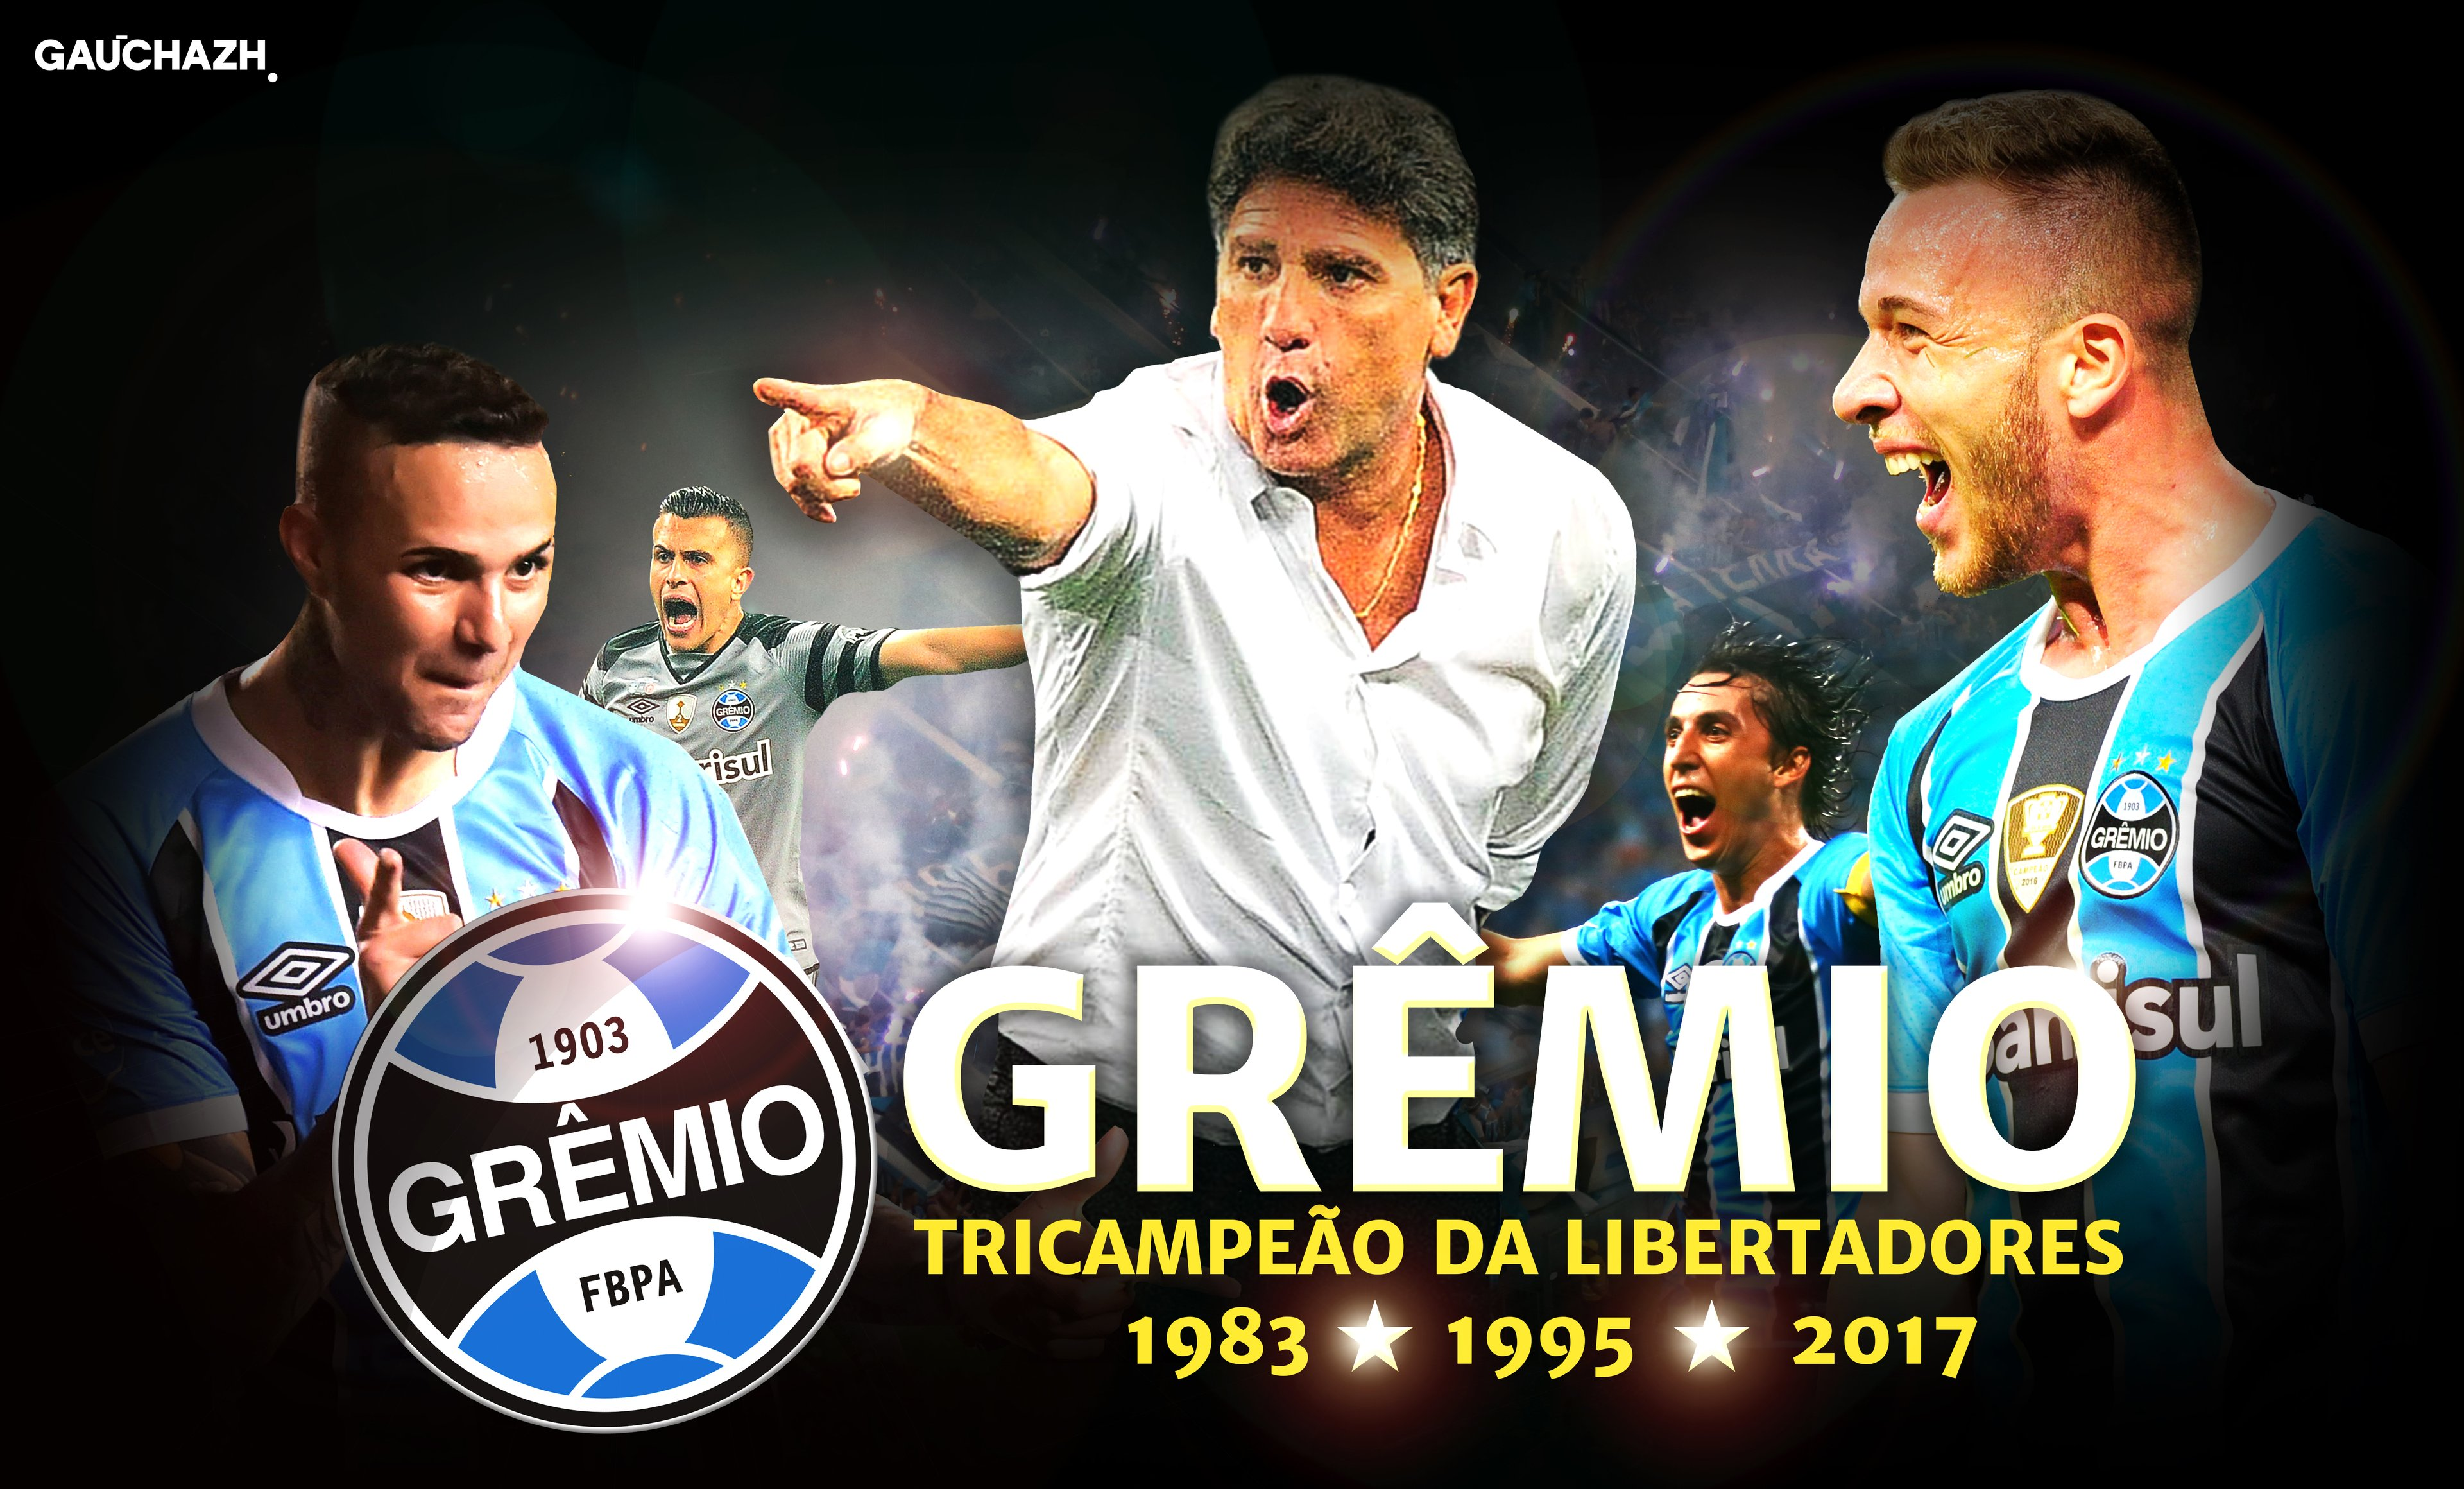 Baixe o wallpaper do Grêmio campeão da Libertadores de 2017  825ae2fbb8636